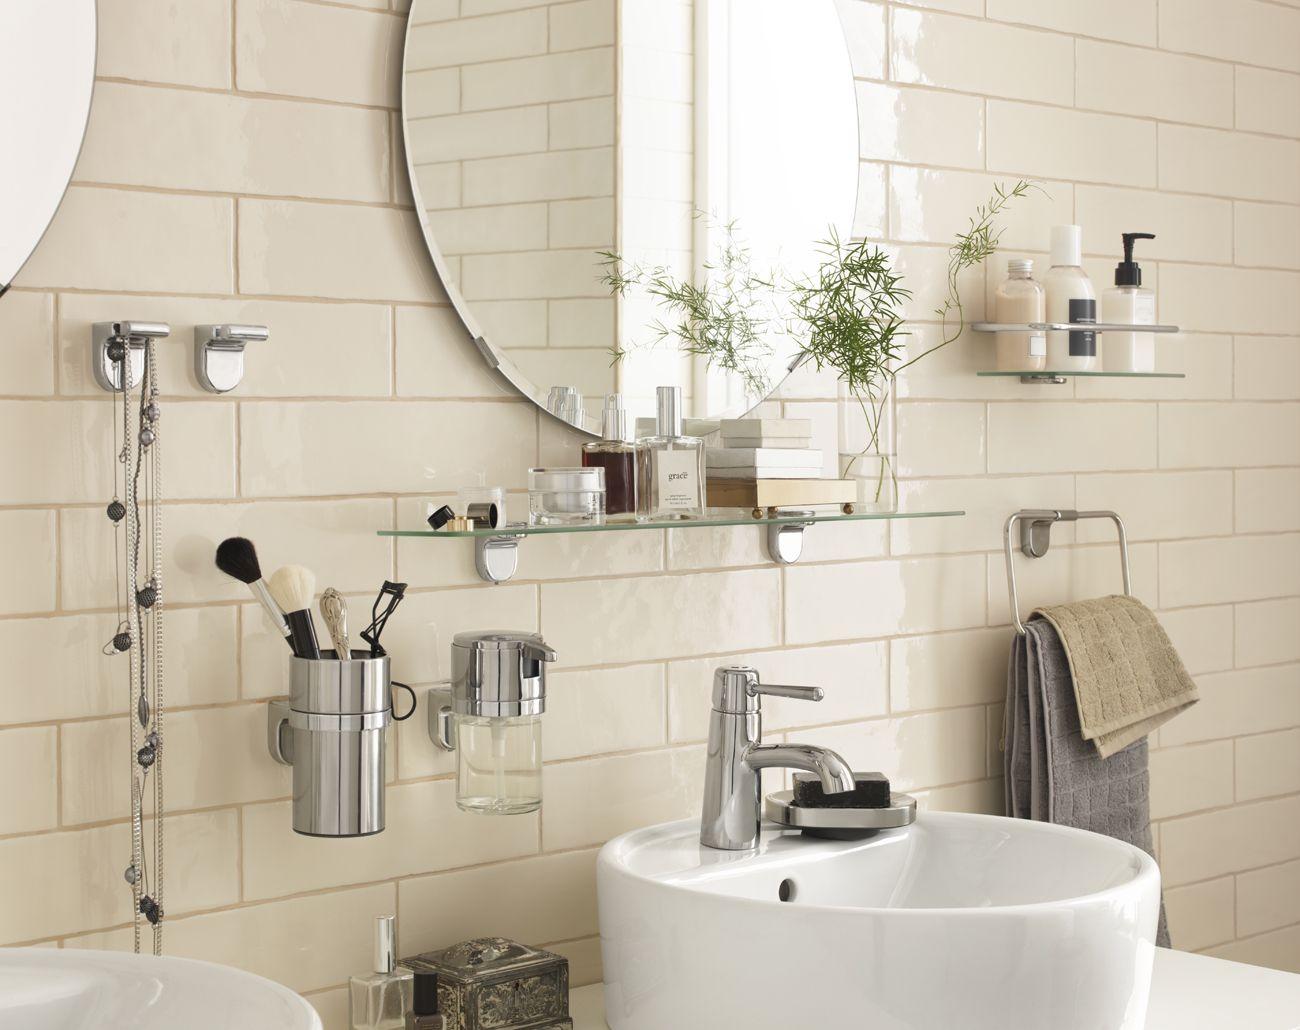 Accessoire Salle De Bain Couleur Or ~ salle de bain o tout est port e de main avec les accessoires